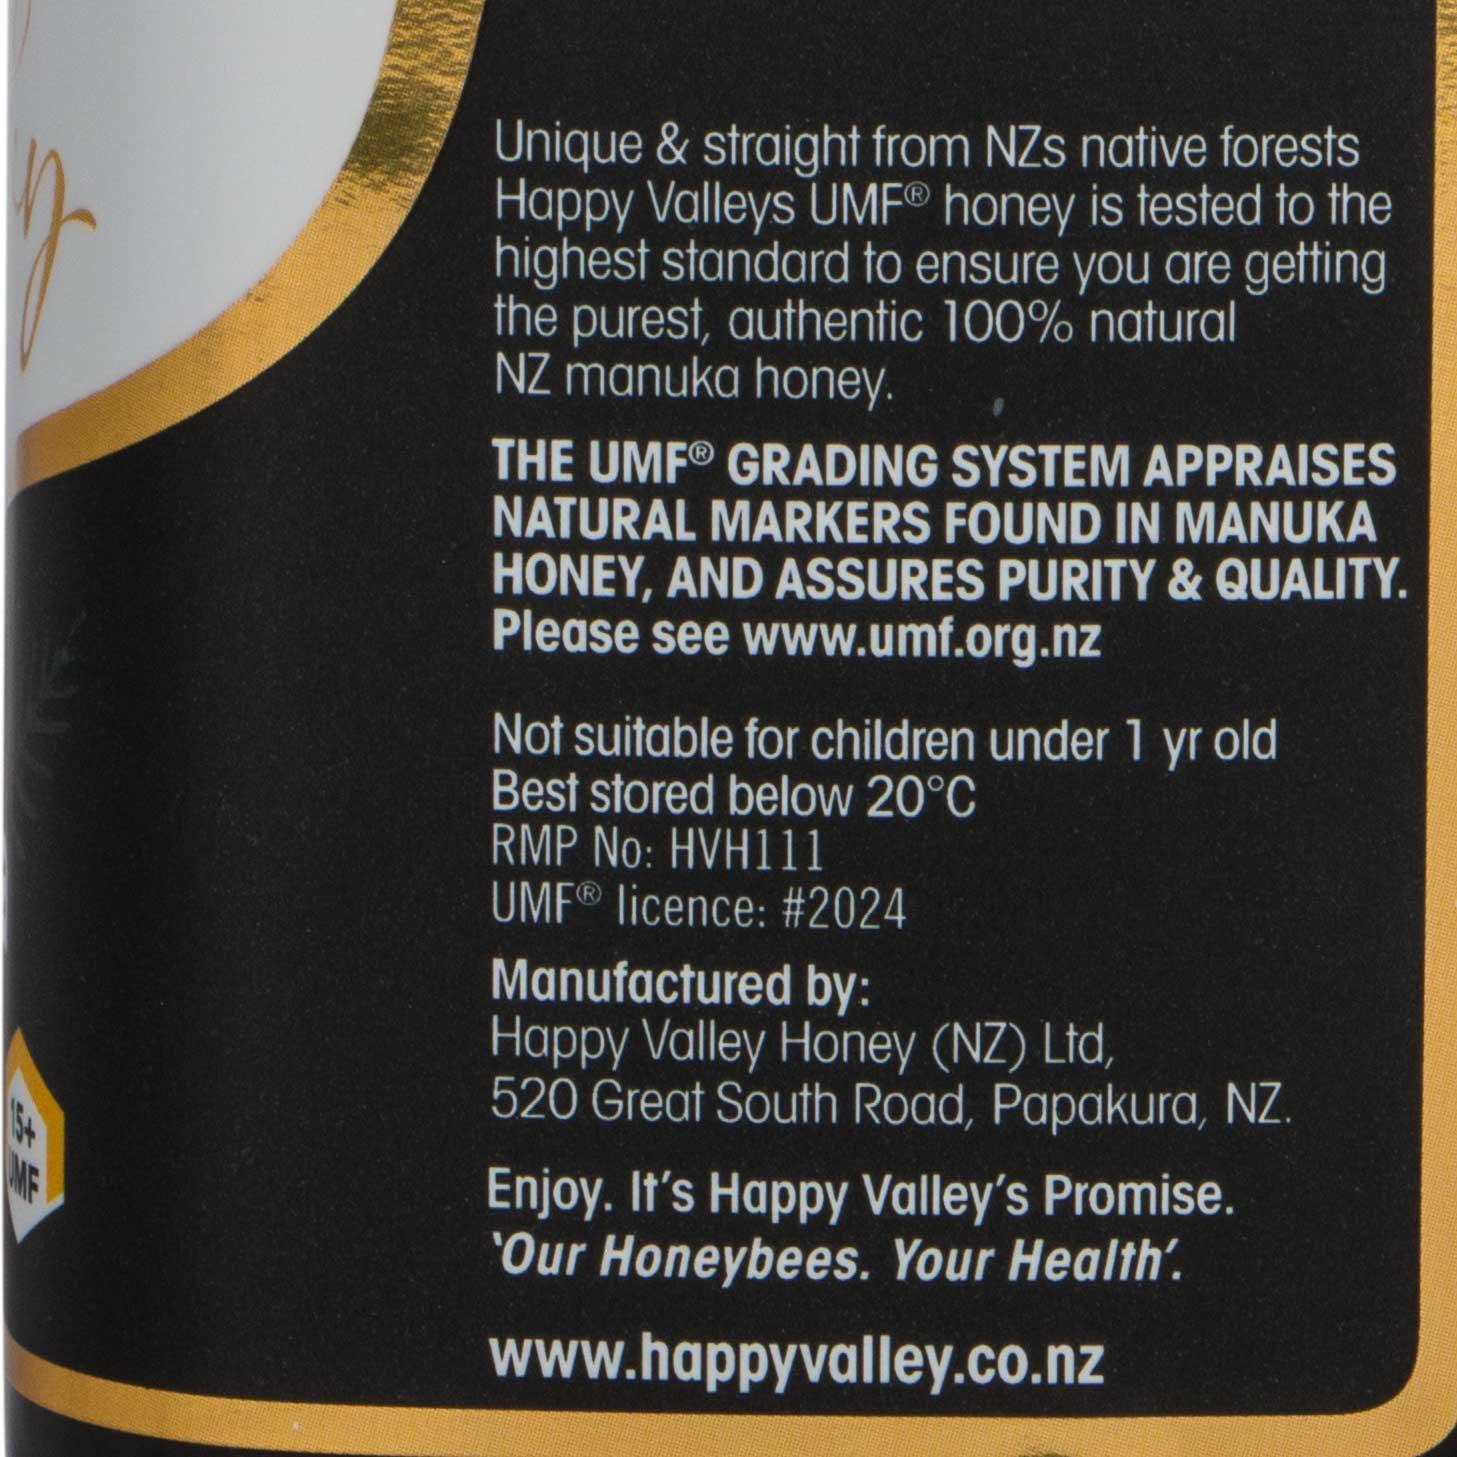 Happy Valley UMF 18+ Manuka Honey, 500g (17.6oz) by Happy Valley (Image #4)